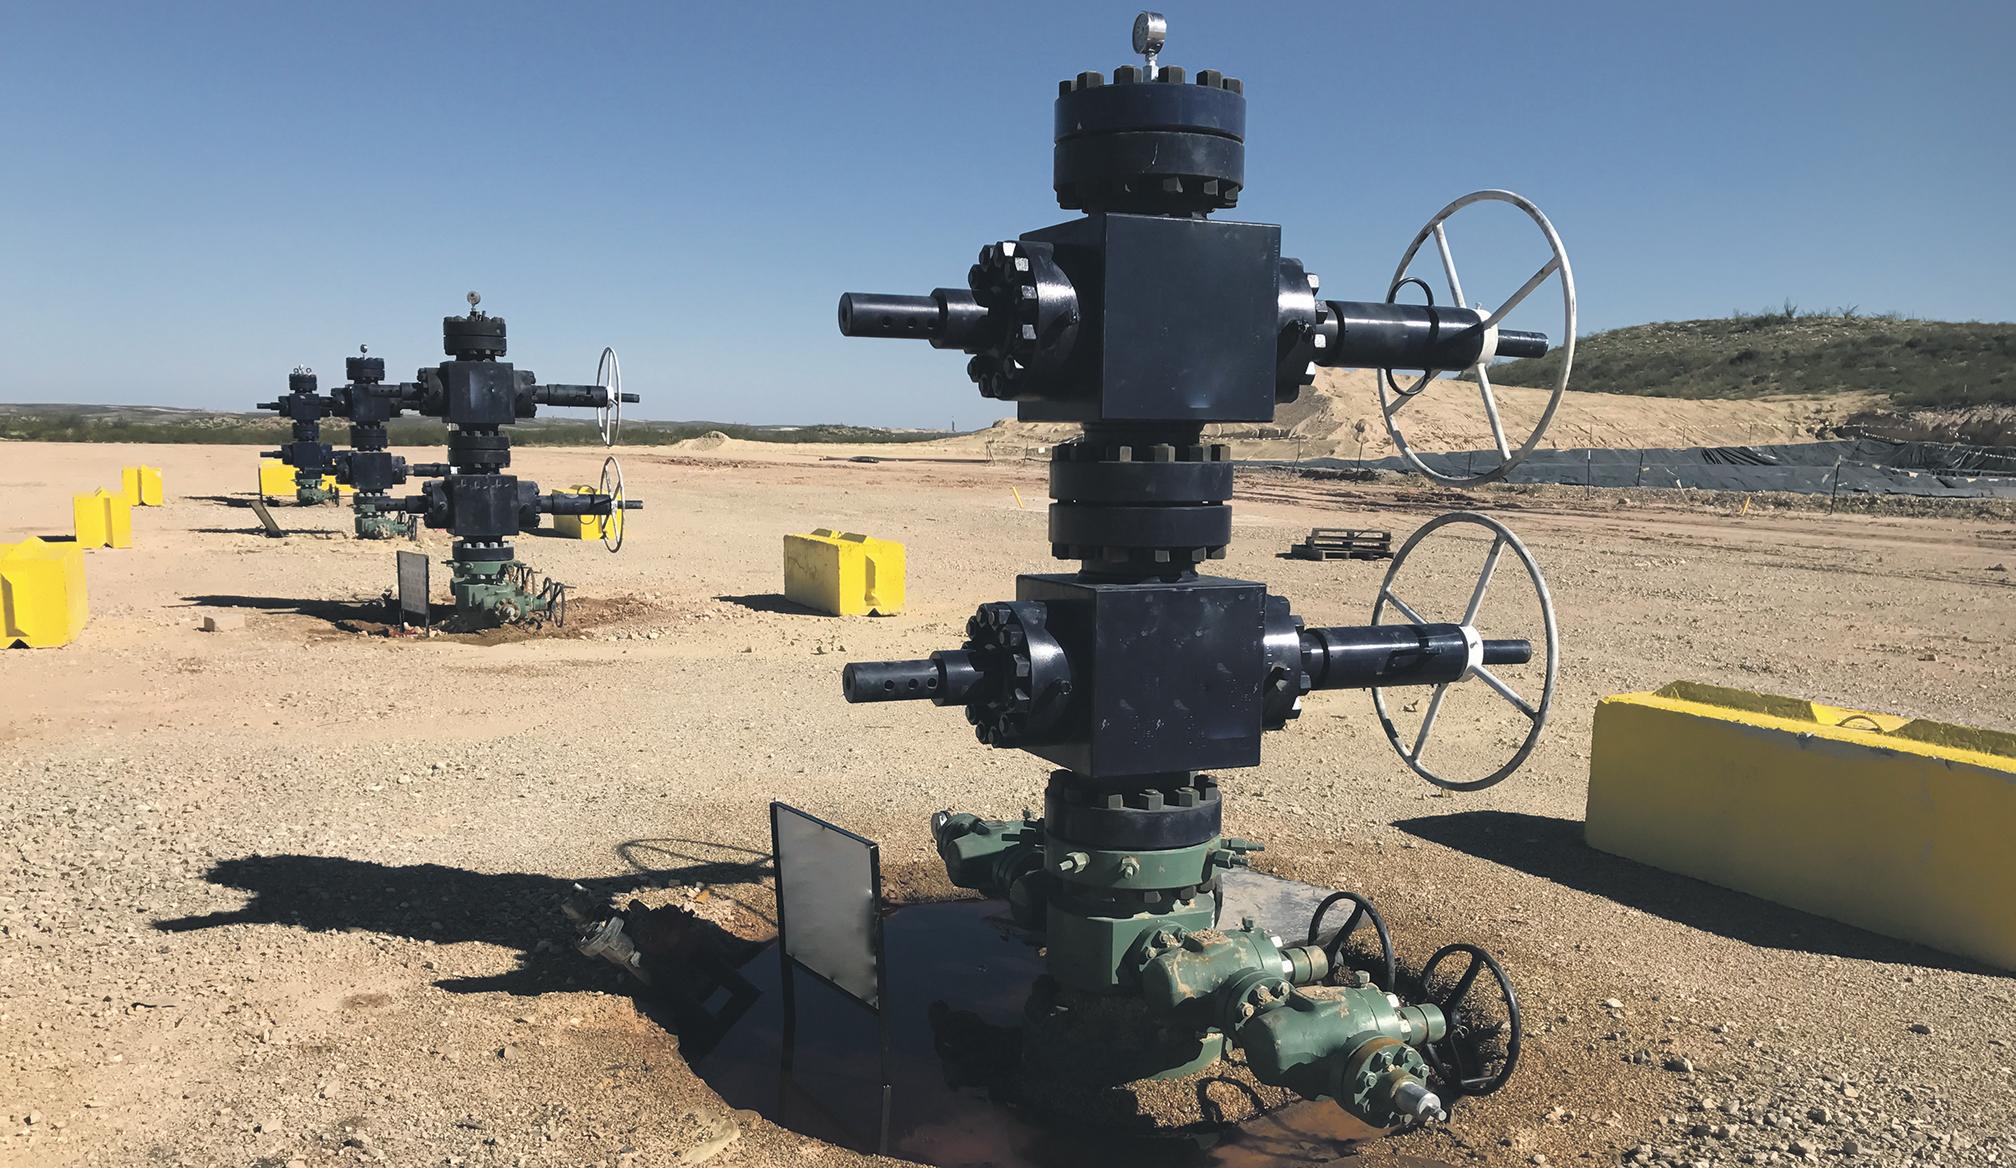 petrole-puits-h310-p-24-texas-nouveau-mexique-schiste 20200310082928